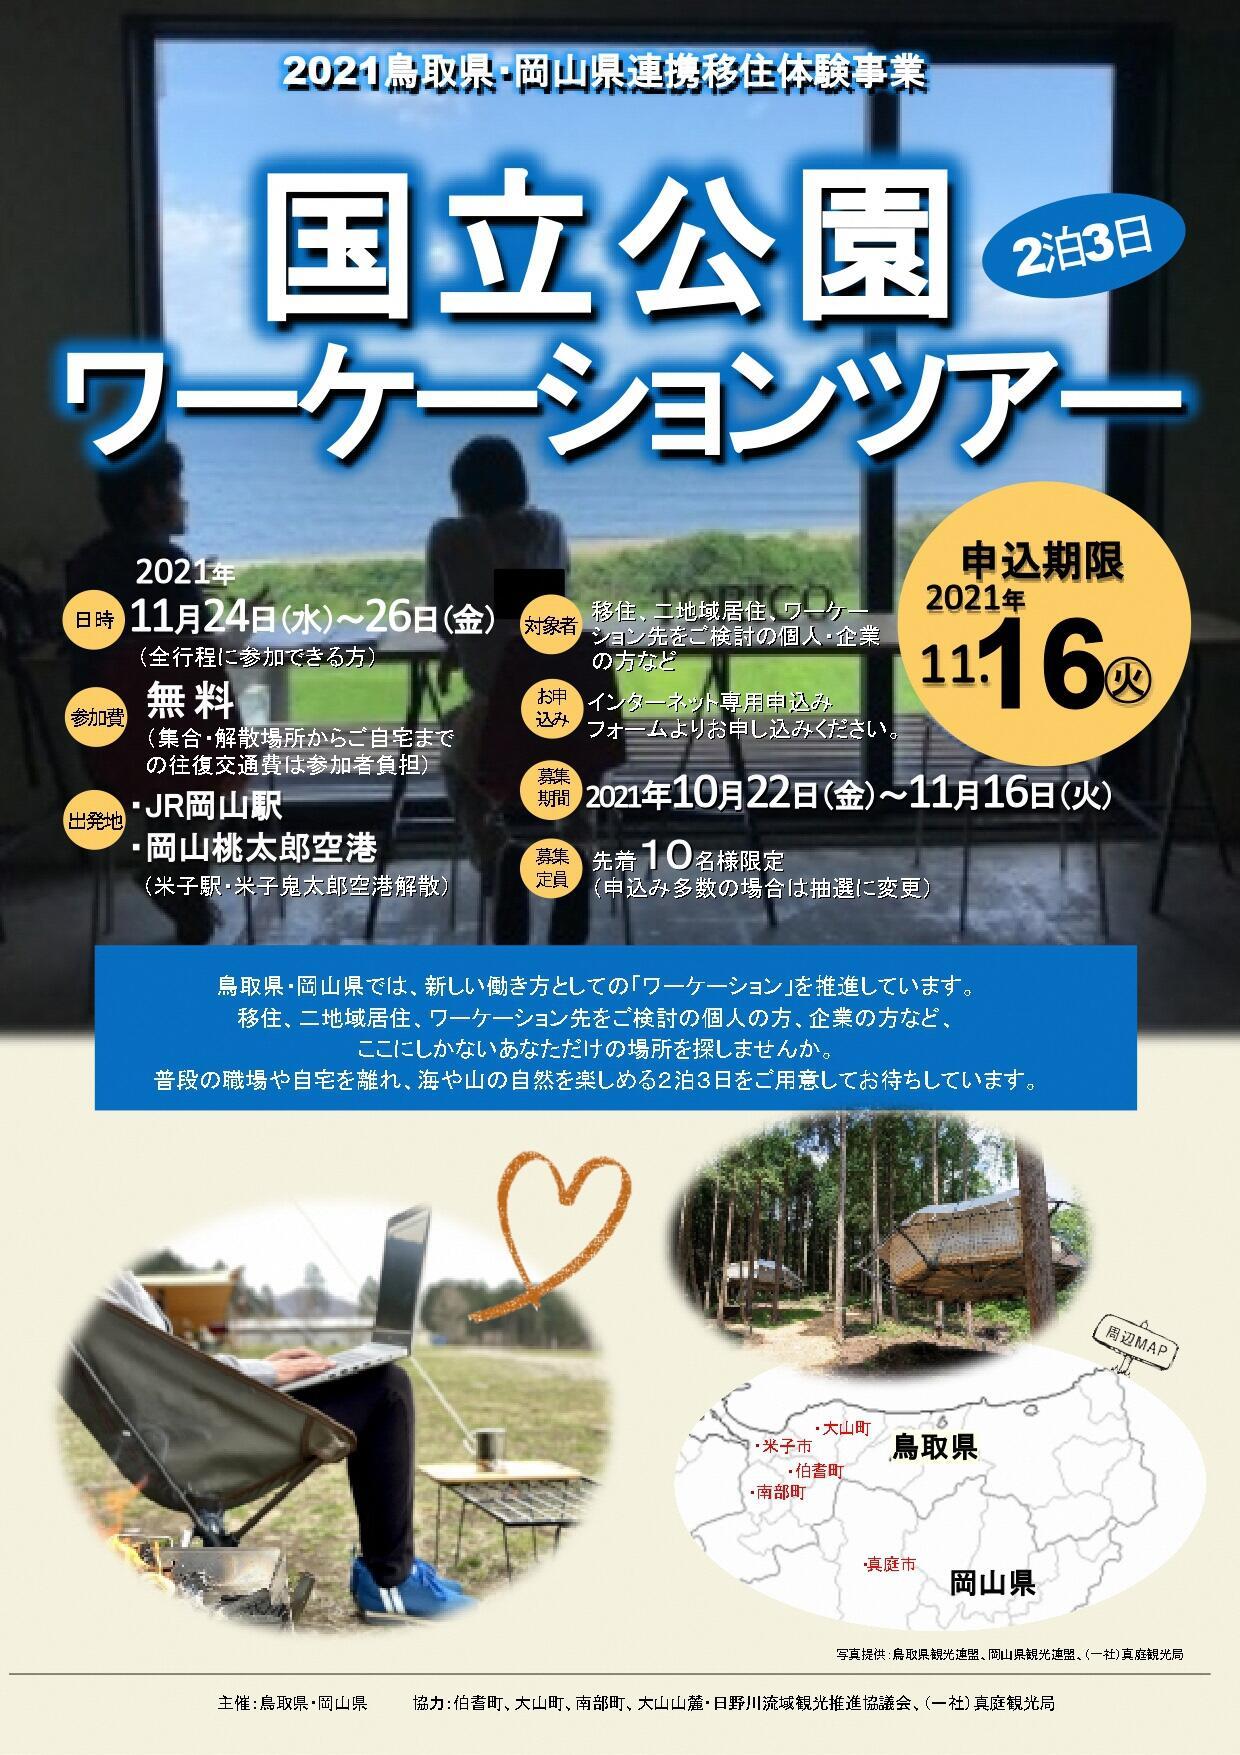 【チラシJPG】令和3年度鳥取・岡山連携移住体験ツアー_211019-2 (5)_page-0001.jpg